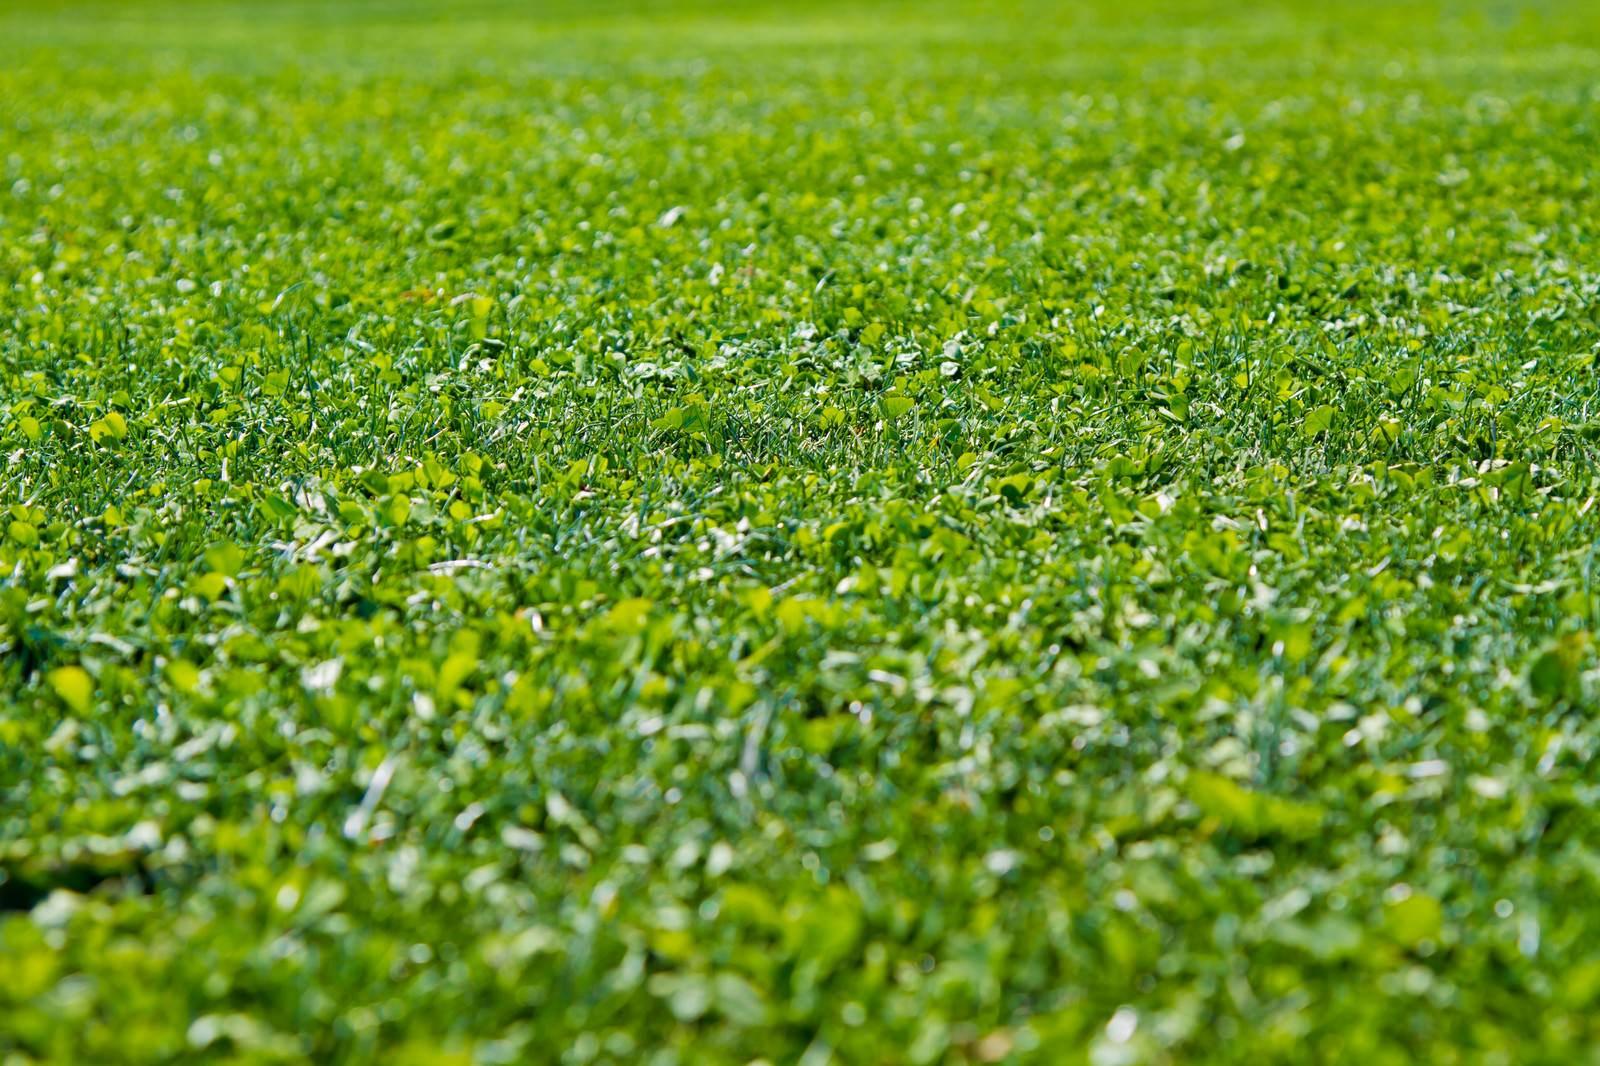 天然芝と人工芝のちがいとは?